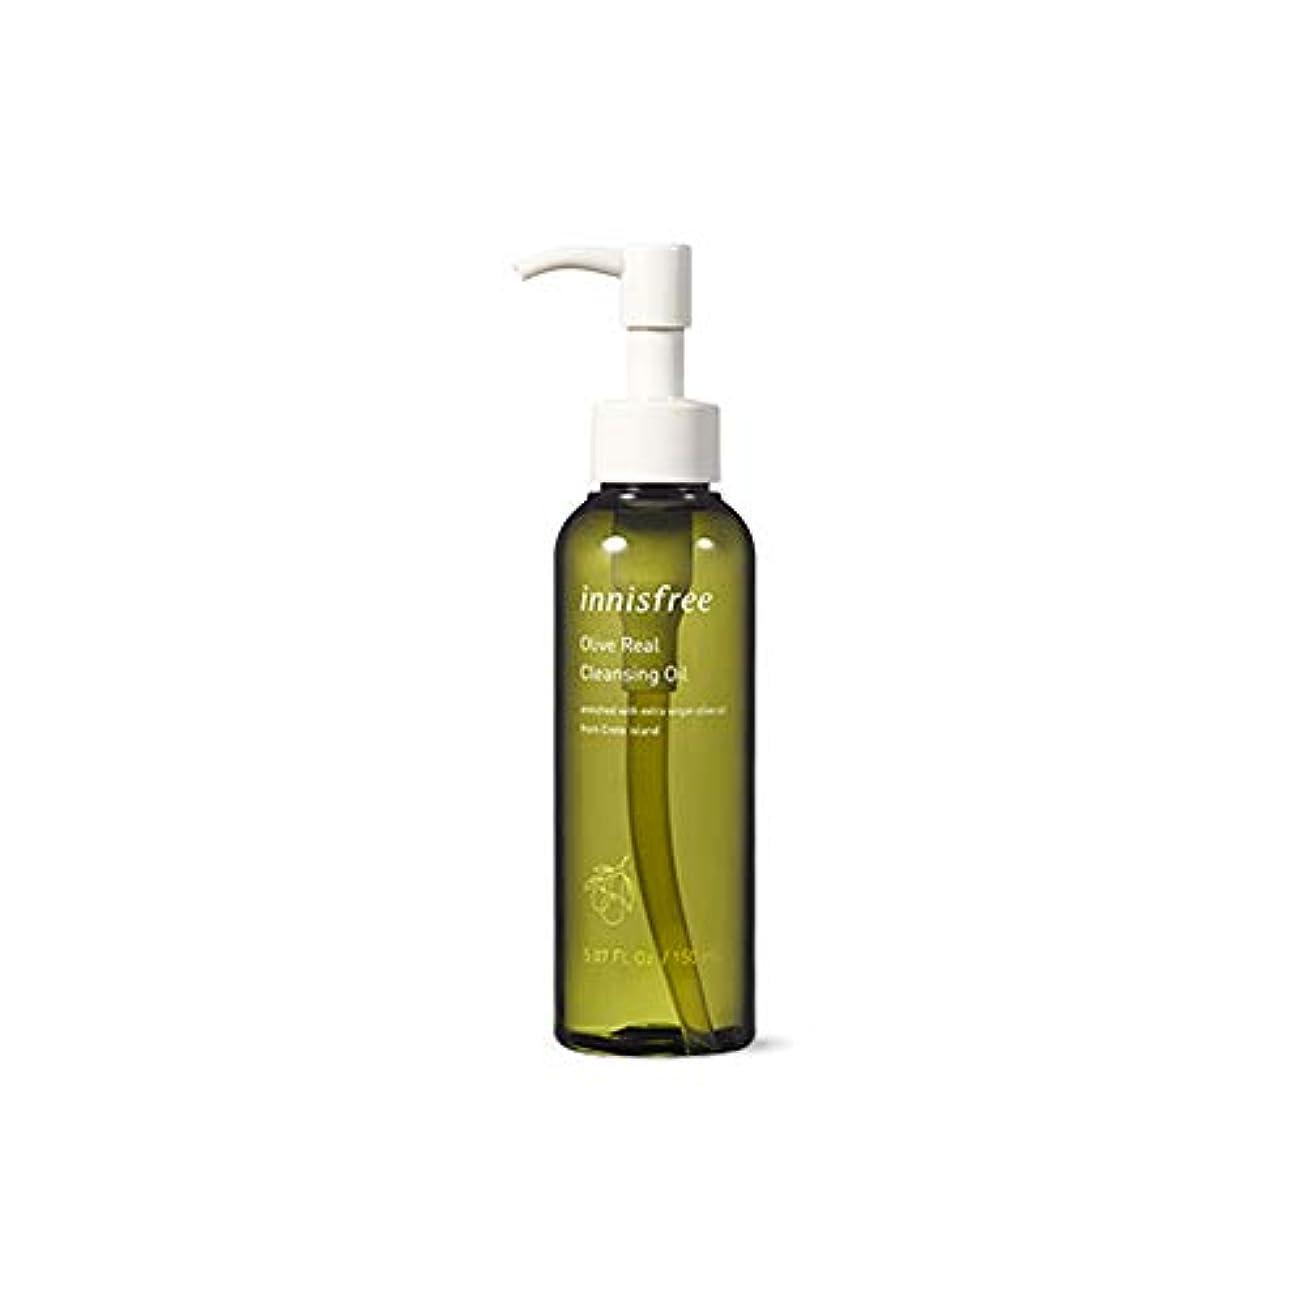 コード尊敬くさびイニスフリー Innisfreeオリーブ リアル クレンジング オイル(150ml) Innisfree Olive Real Cleansing Oil(150ml) [海外直送品]